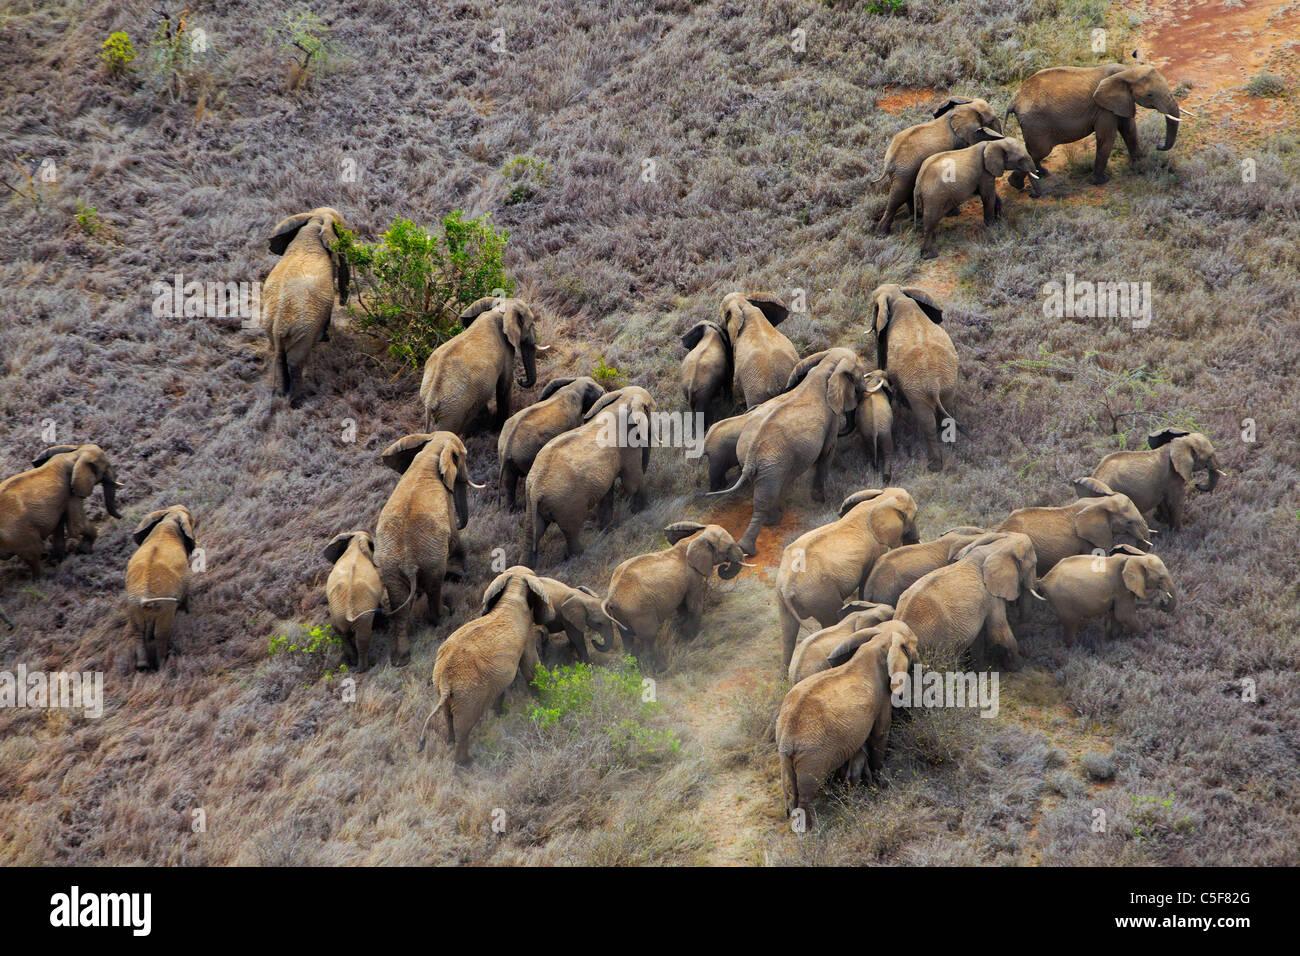 Vista aerea dell'elefante africano (Loxodonta africana) in Kenya. Immagini Stock